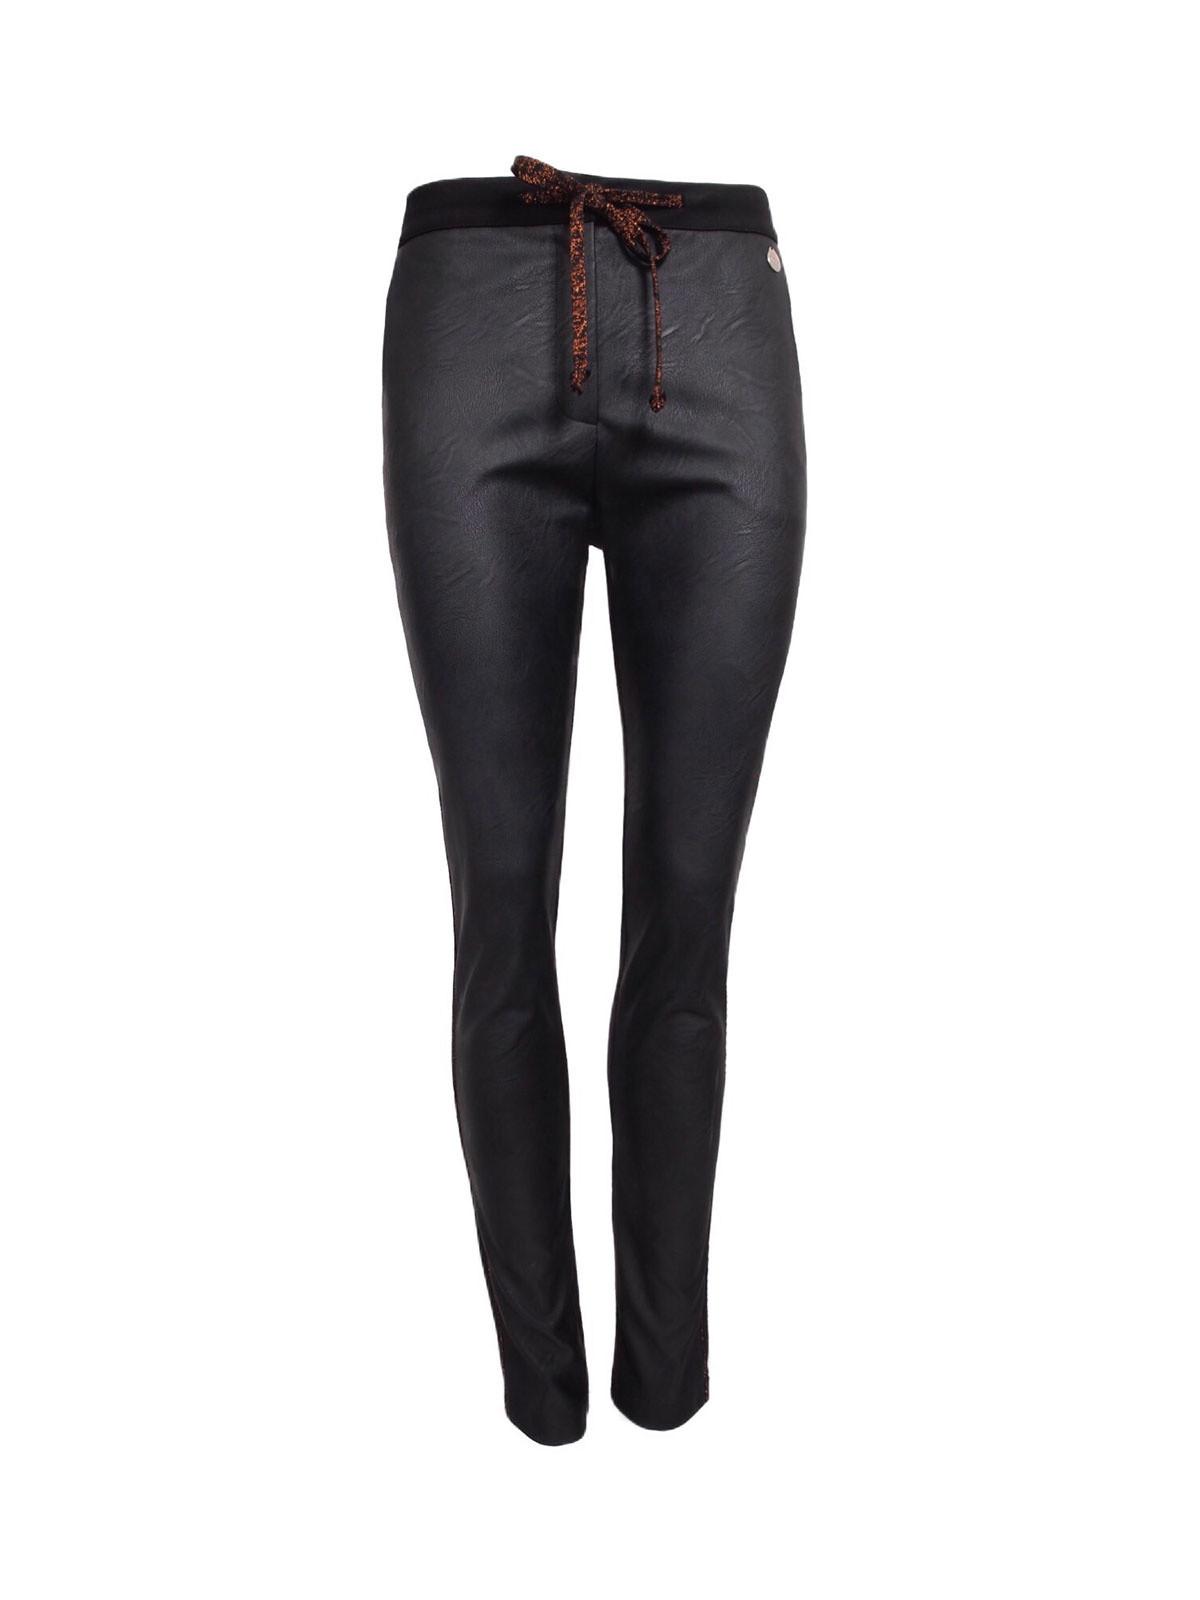 Afbeelding van 20 TO Broek leather look black 11009 zwart